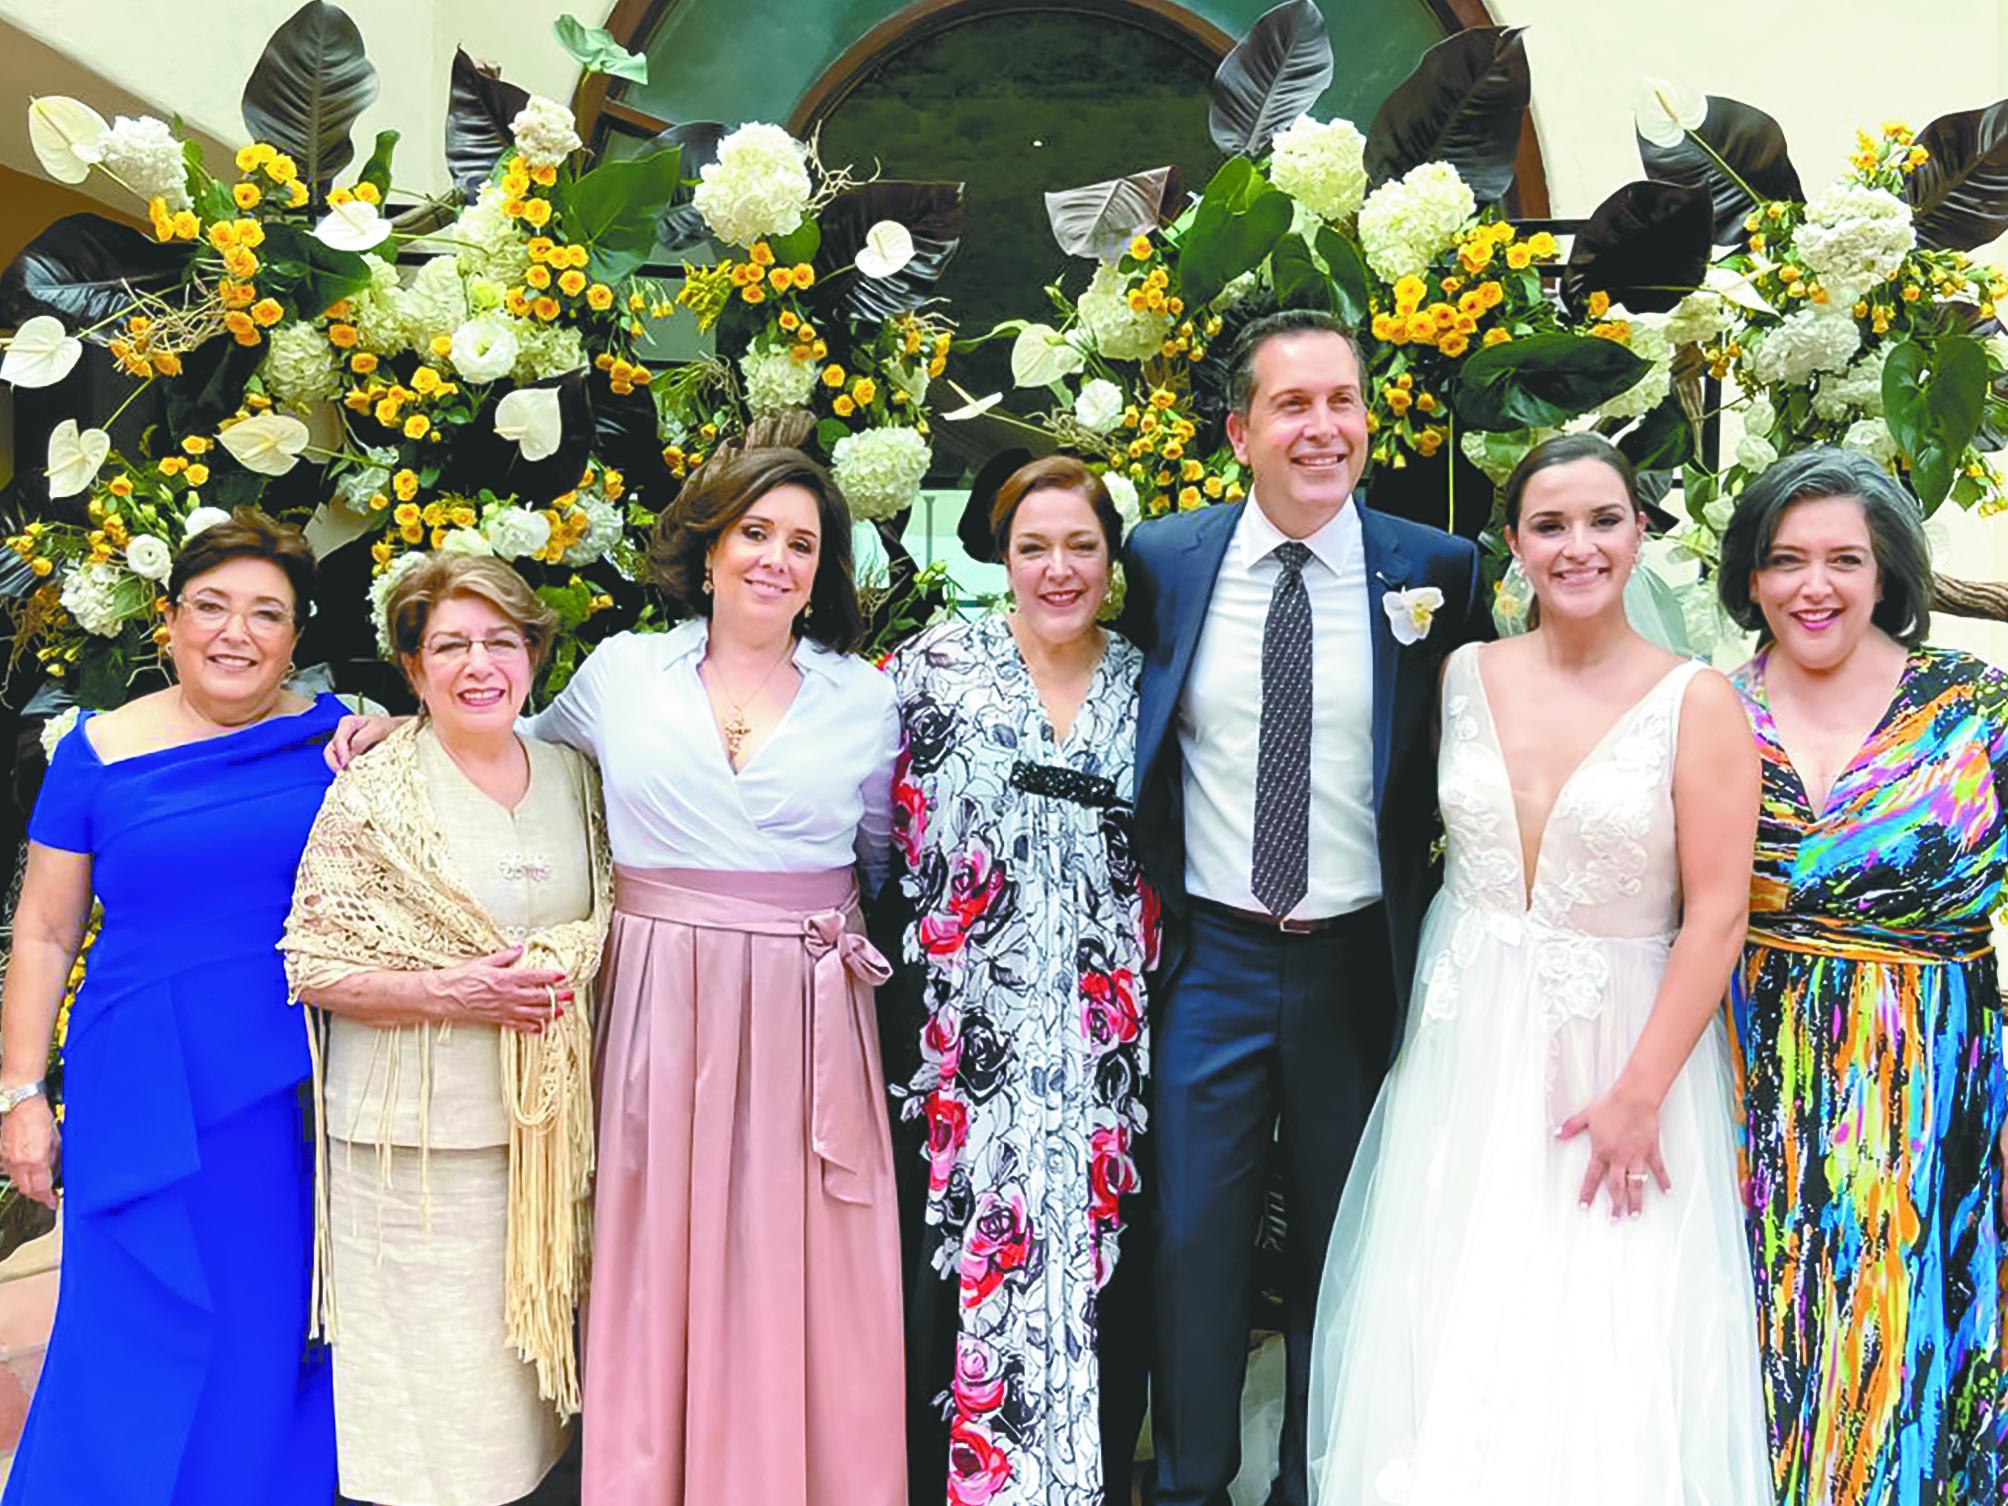 Diana Galindo de Castilla, Rosita Galindo, Luisa Fernanda, Lucía y Diana Castilla con los novios